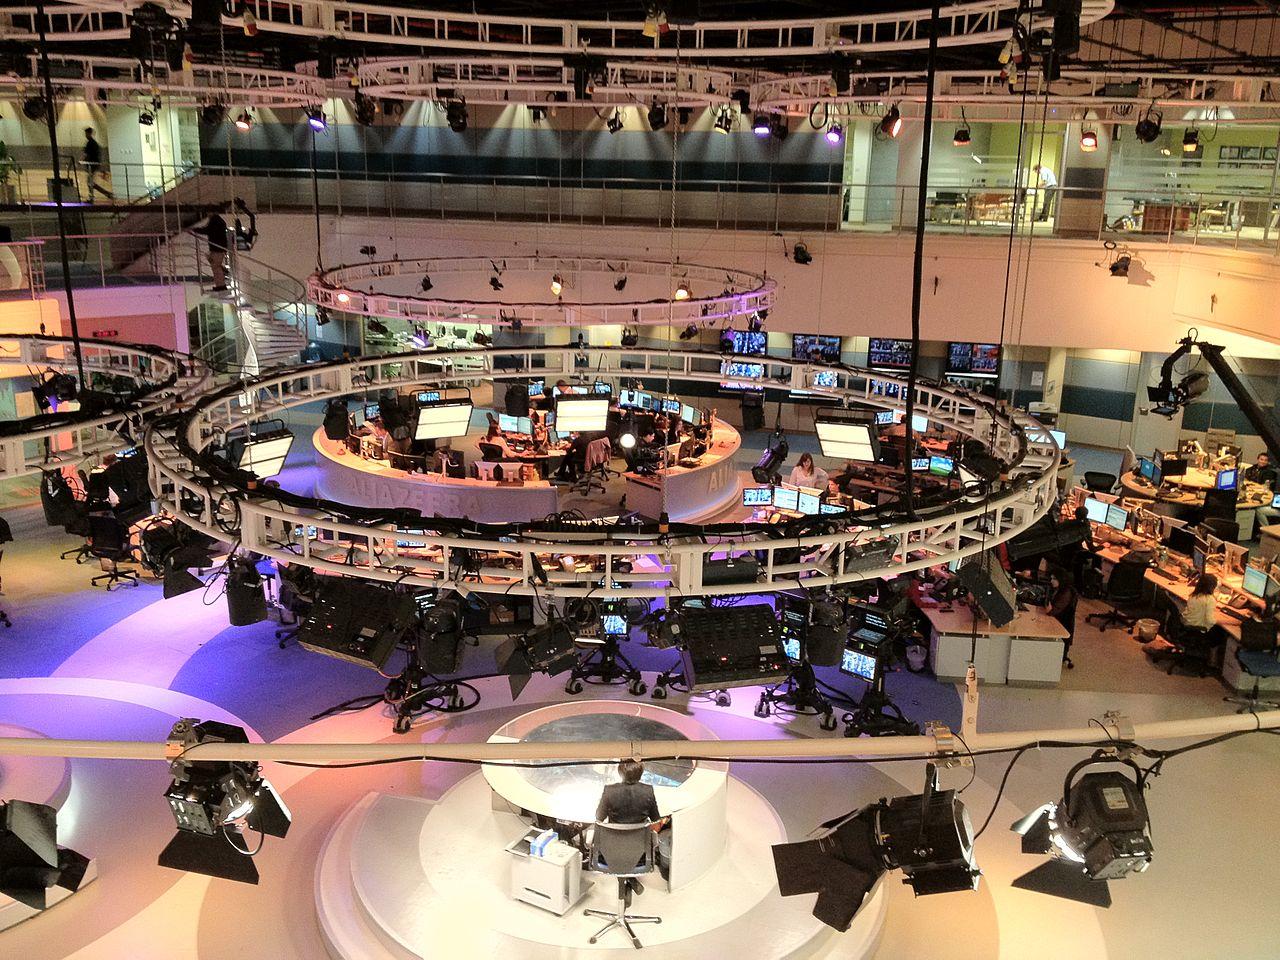 La chiusura di Al Jazeera sarebbe un colpo gravissimo all'informazione